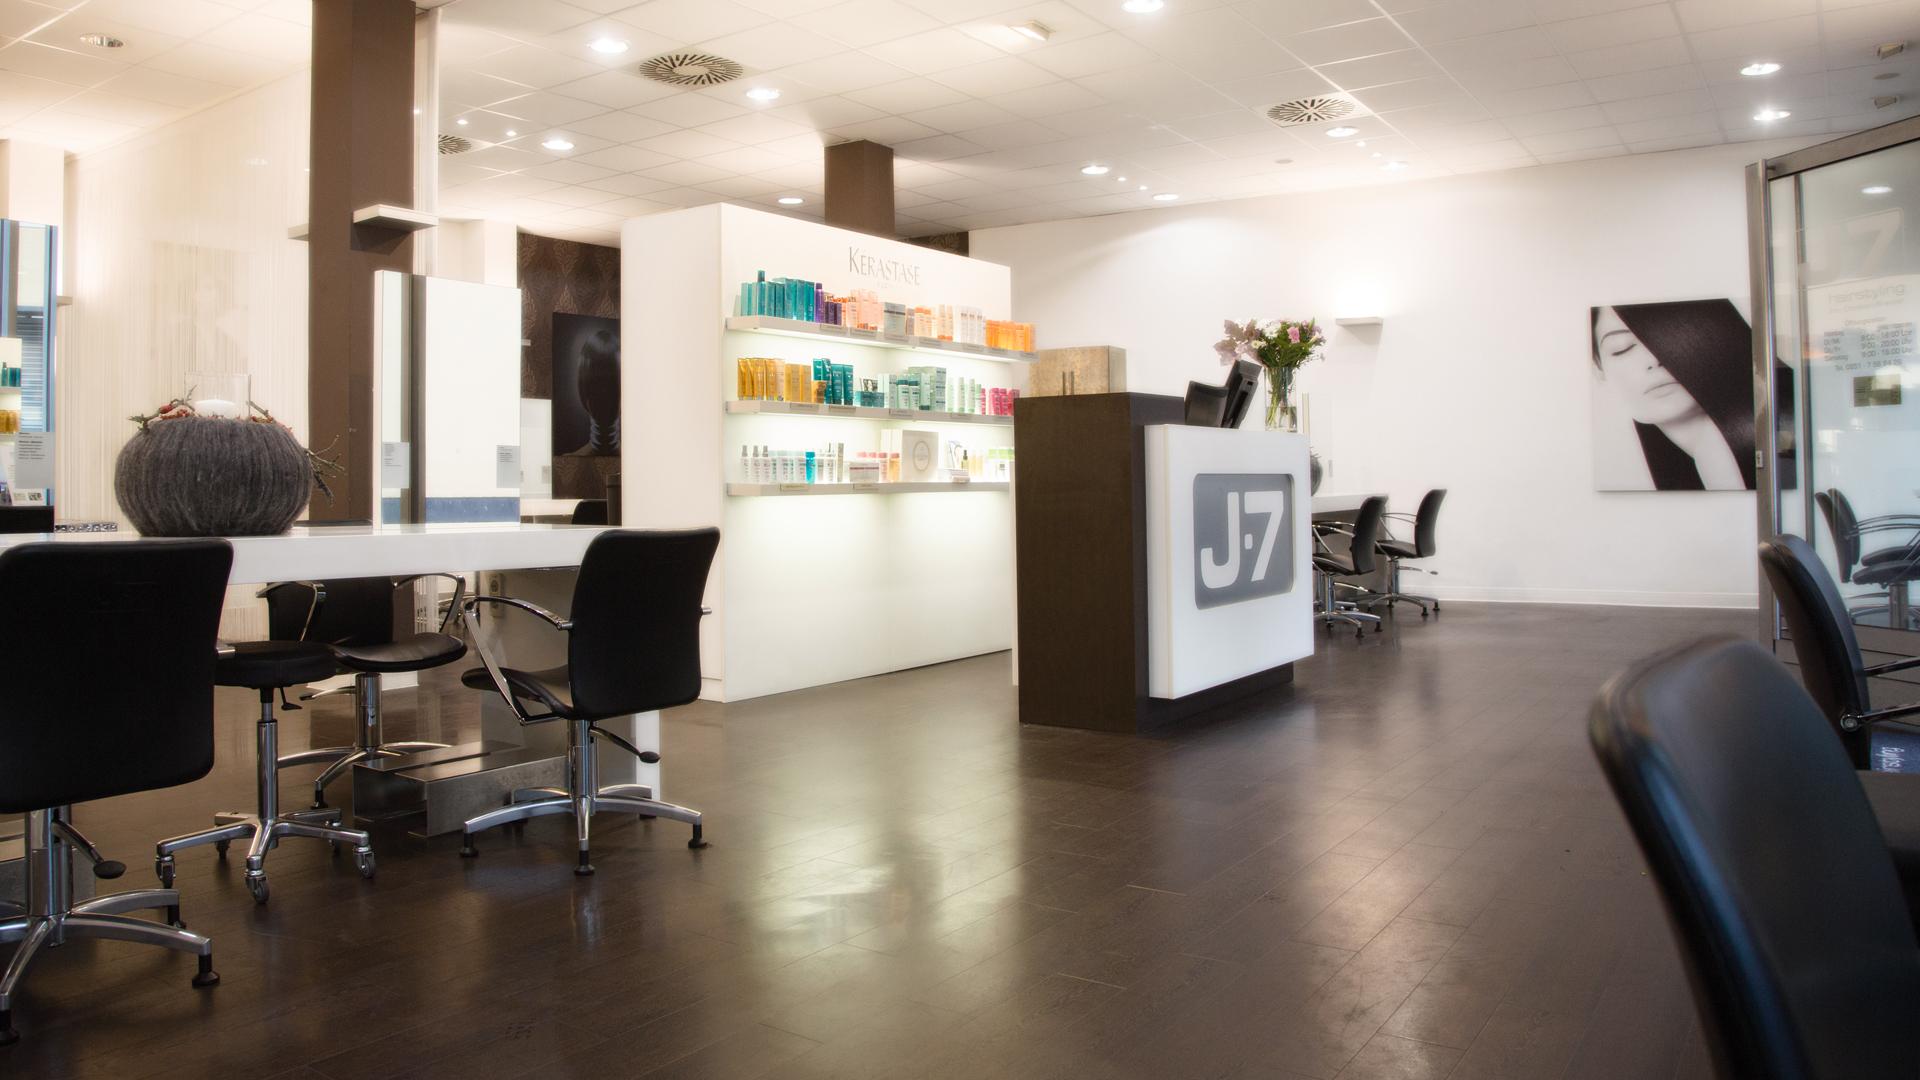 J.7 Passau hairstyling